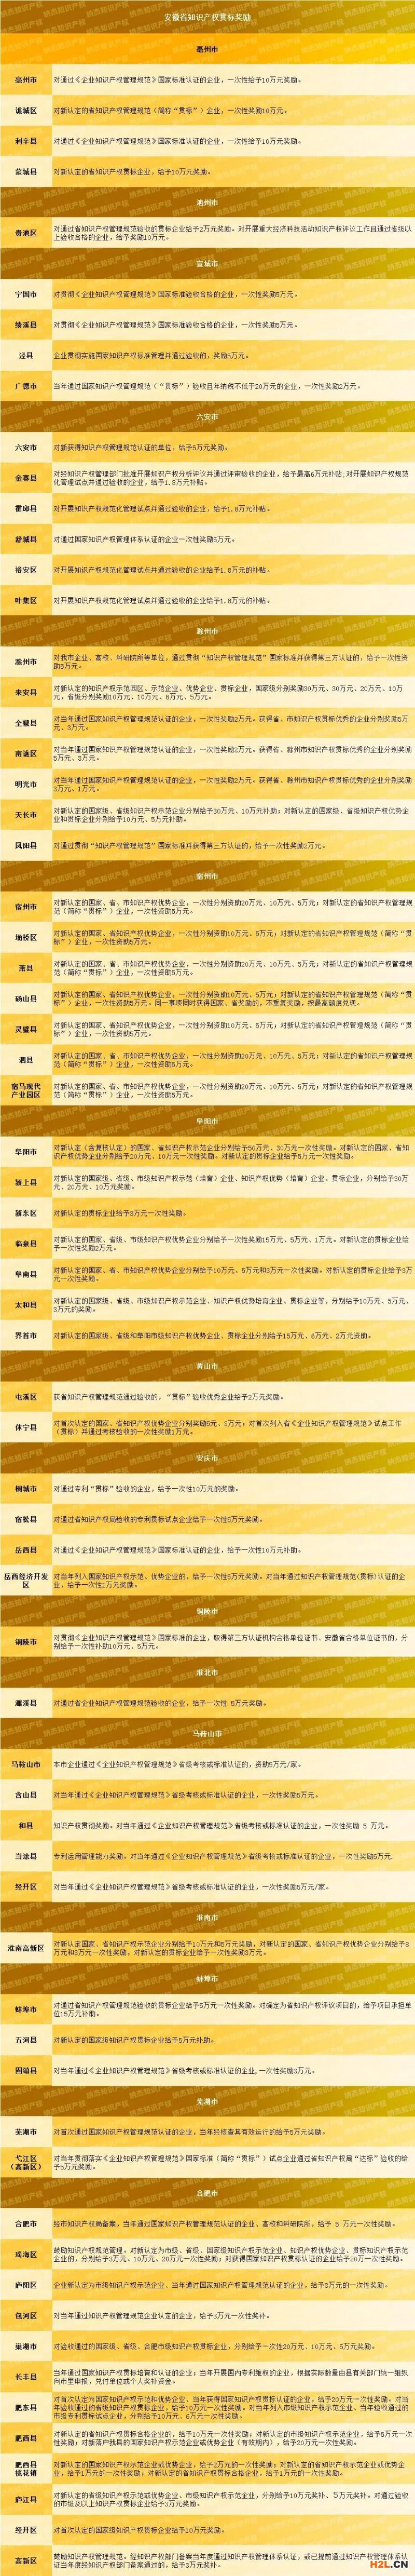 安徽省知识产权贯标奖励政策汇总,67个地区!